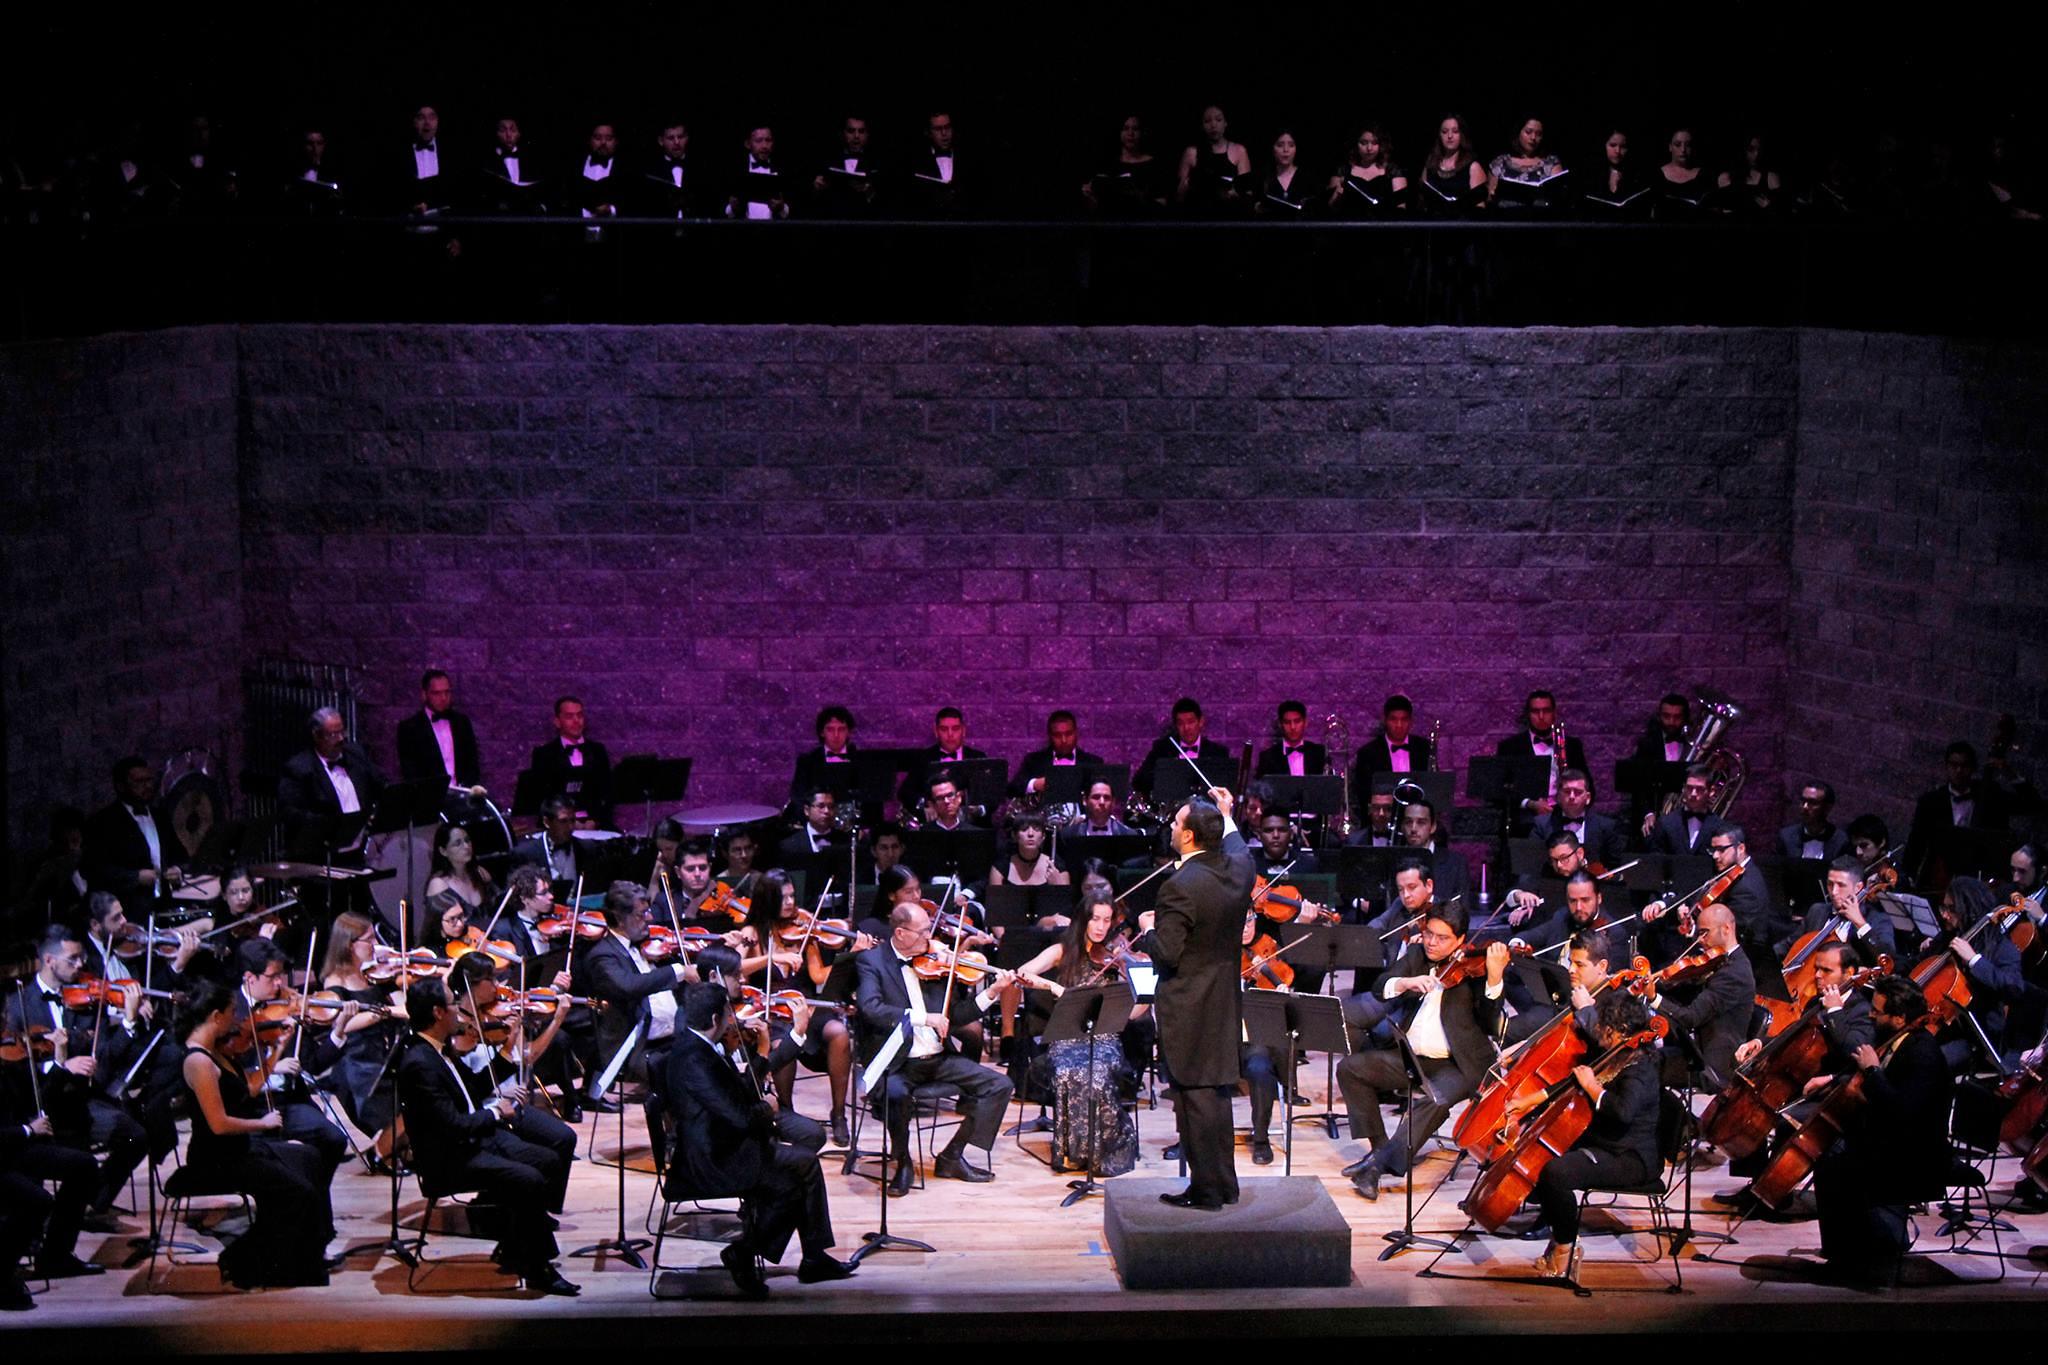 La Orquesta Sinfónica Juvenil, la Orquesta de Cámara y el Coro Municipal de Zapopan festejan su aniversario con un concierto especial